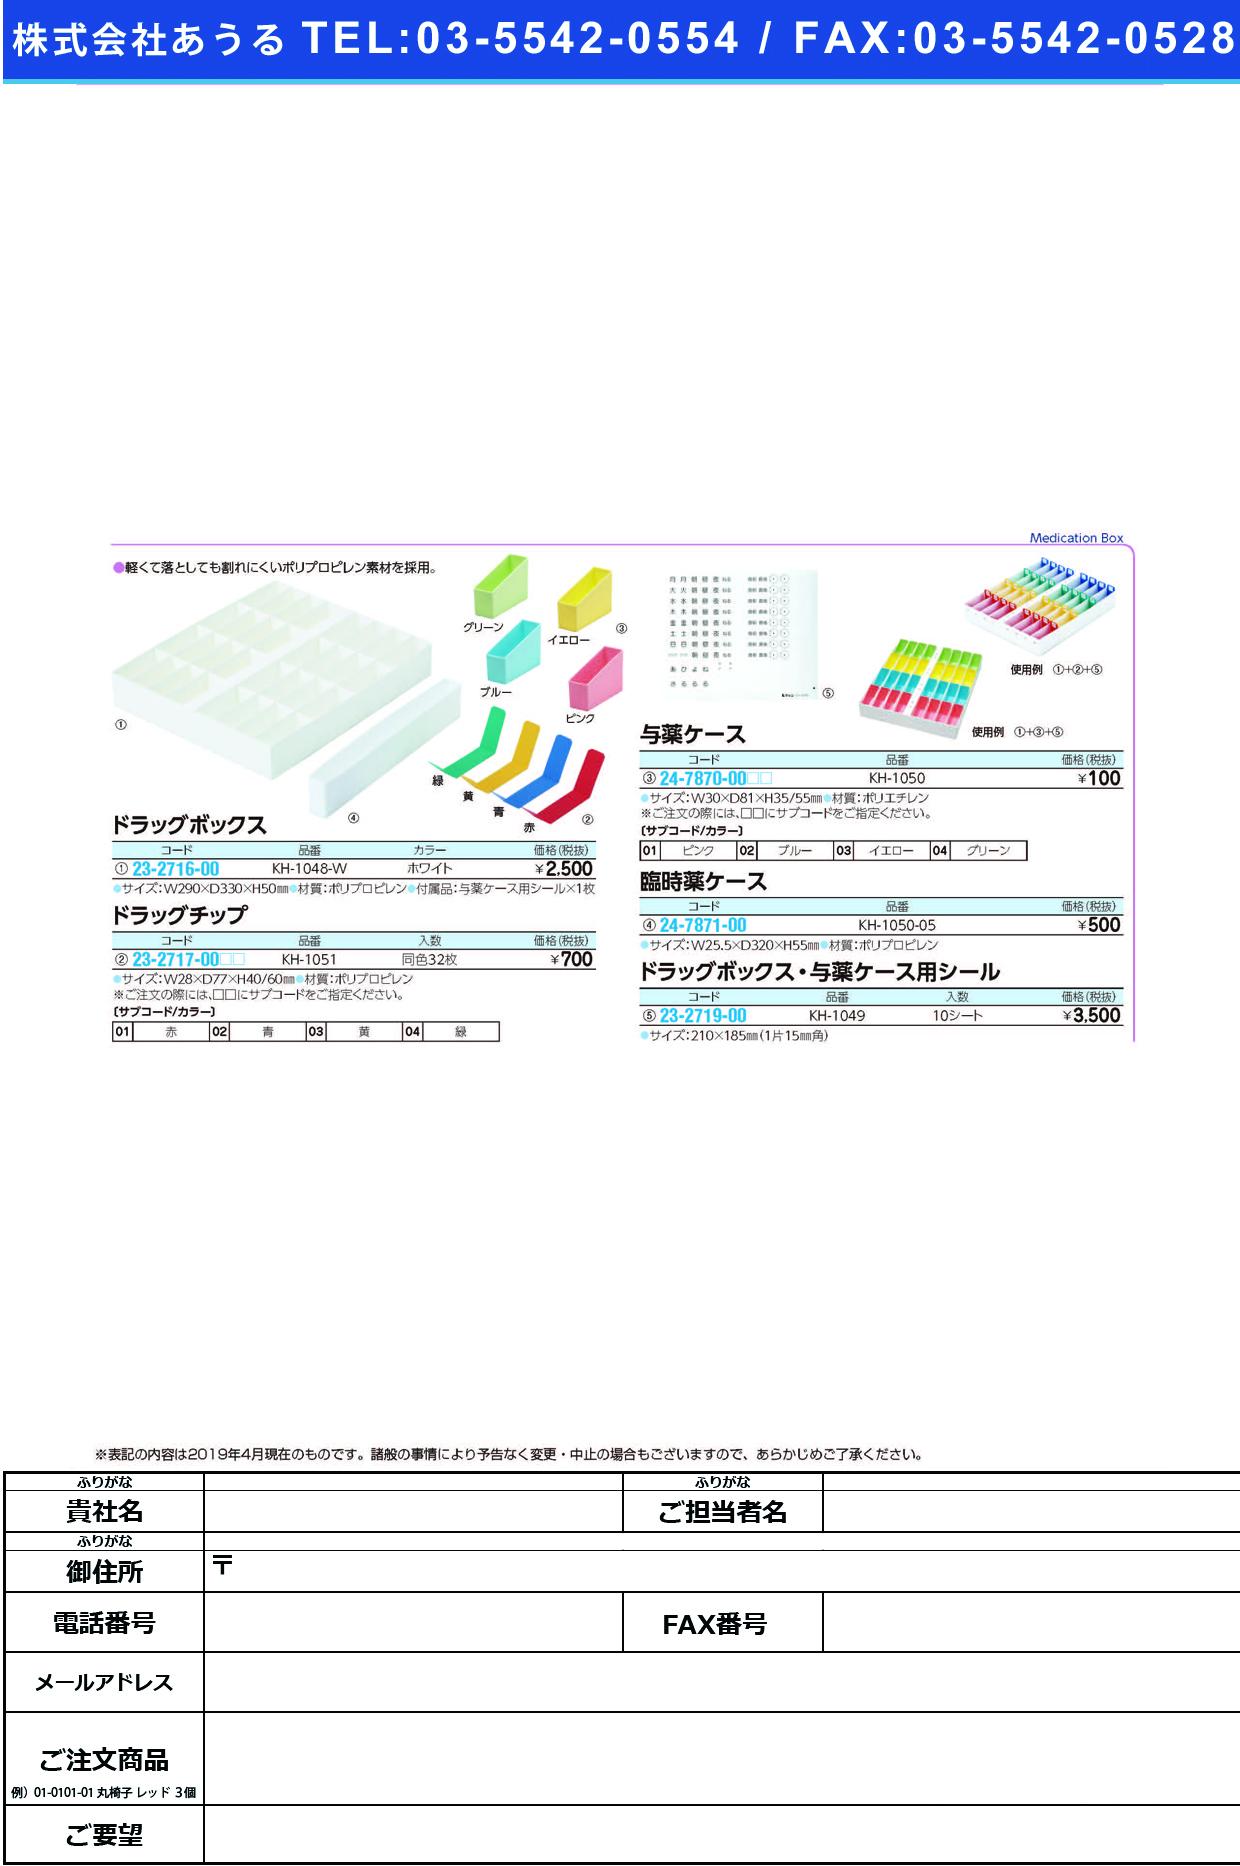 (23-2716-00)ドラッグボックス KH-1048-W(ホワイト) ドラッグボックス(ケルン)【1個単位】【2019年カタログ商品】